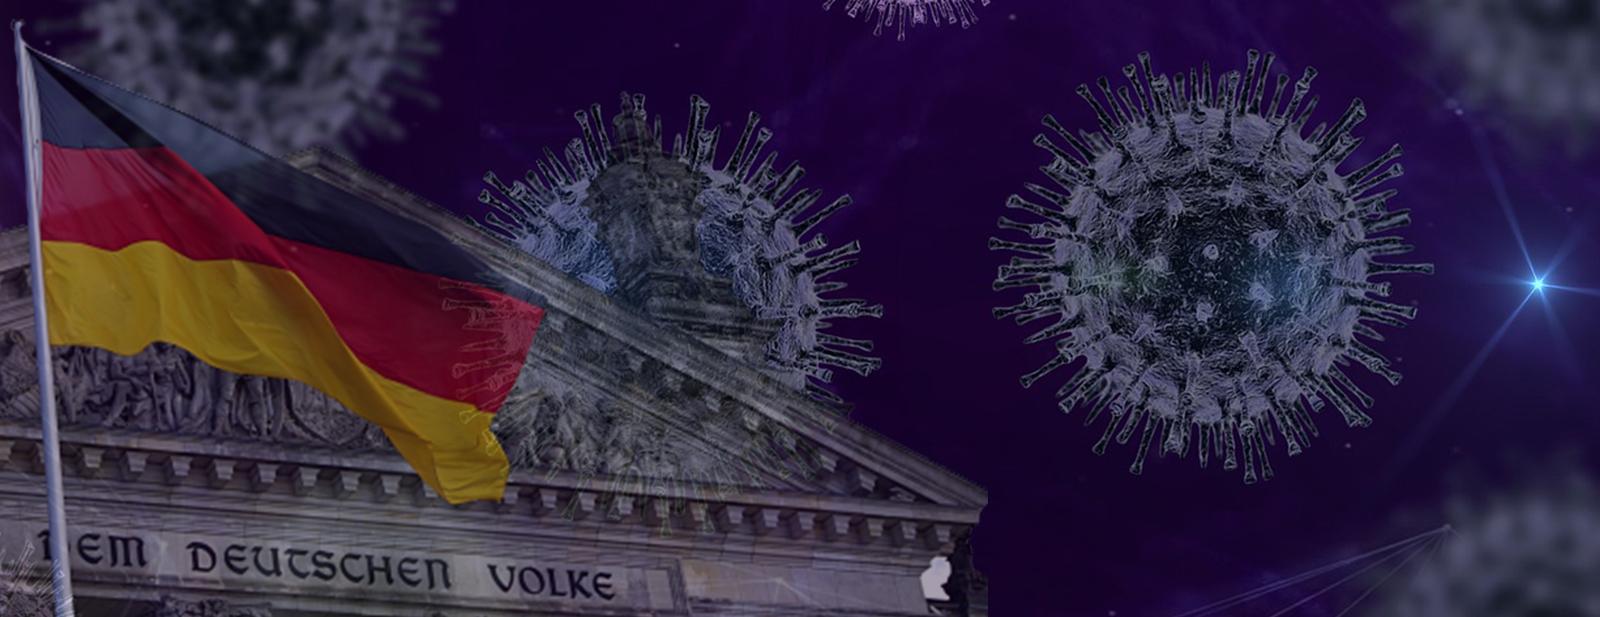 Almanya 1-5 Nisan tarihlerinde tam kapanma kararı aldı